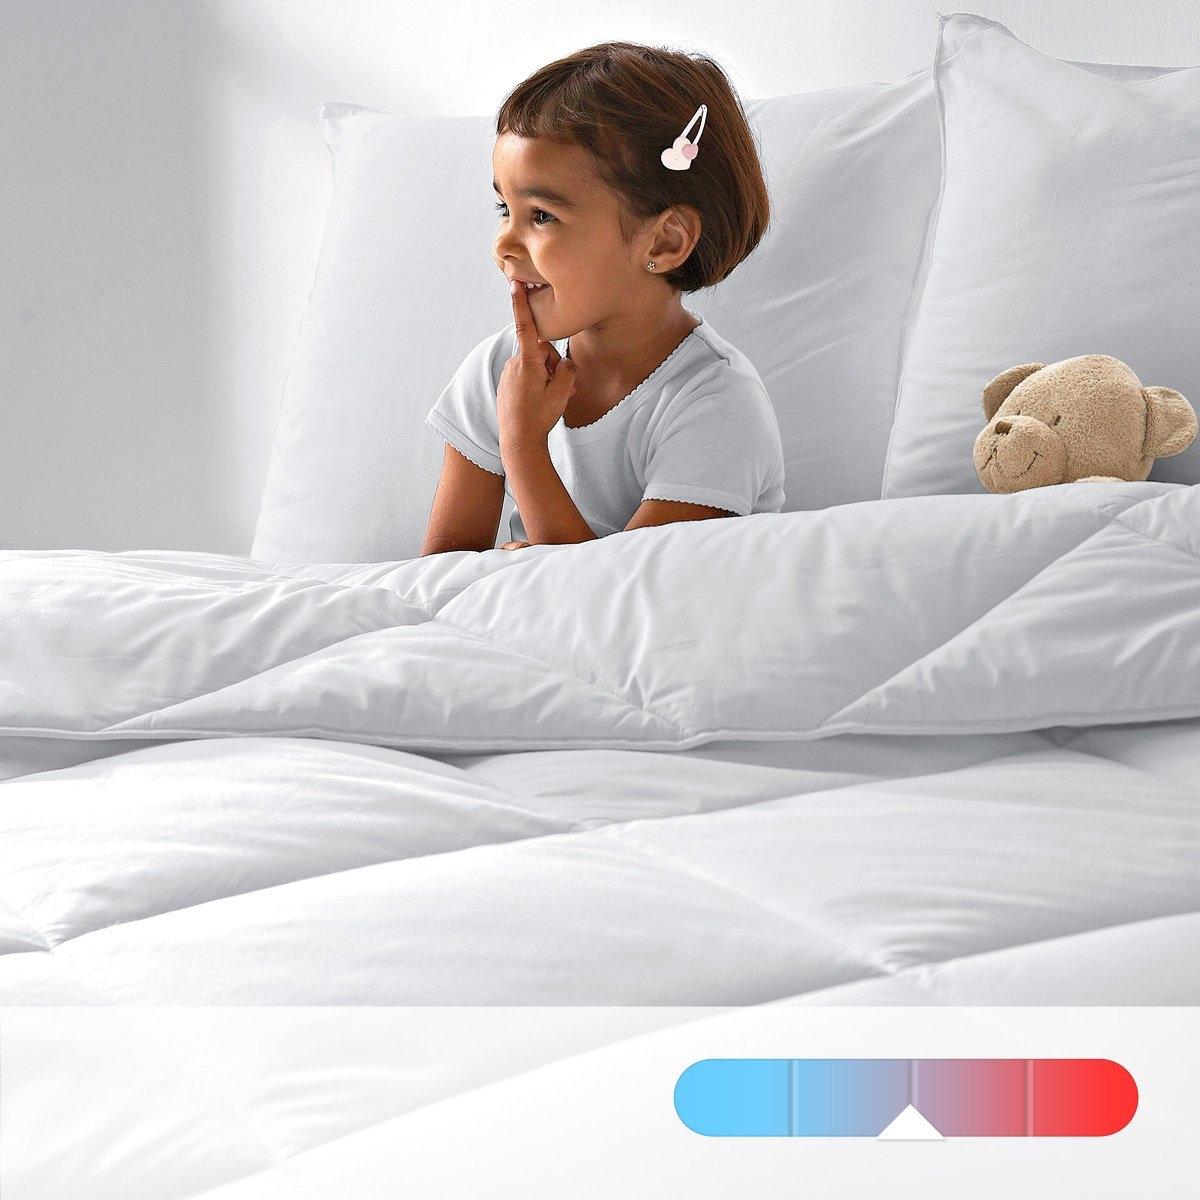 Синтетическое одеяло LA REDOUTE CREATION, 350 г/м?Синтетическое одеяло LA REDOUTE CREATION. Одеяло, не вызывающее аллергии. Обработка Aegis надолго защищает от клещей, бактерий и грибка. Наполнитель из 100% полых волокон полиэстера. Плотность 350 г/м?. Чехол из 100% хлопка с обработкой Aegis, обеспечивающей свежесть и идеальную гигиену. Отделка кантом. Простежка квадратами по диагонали. Стирка при 40°, возможна машинная сушка при умеренной температуре. Идеально для температуры воздуха 18-22°.<br><br>Цвет: белый